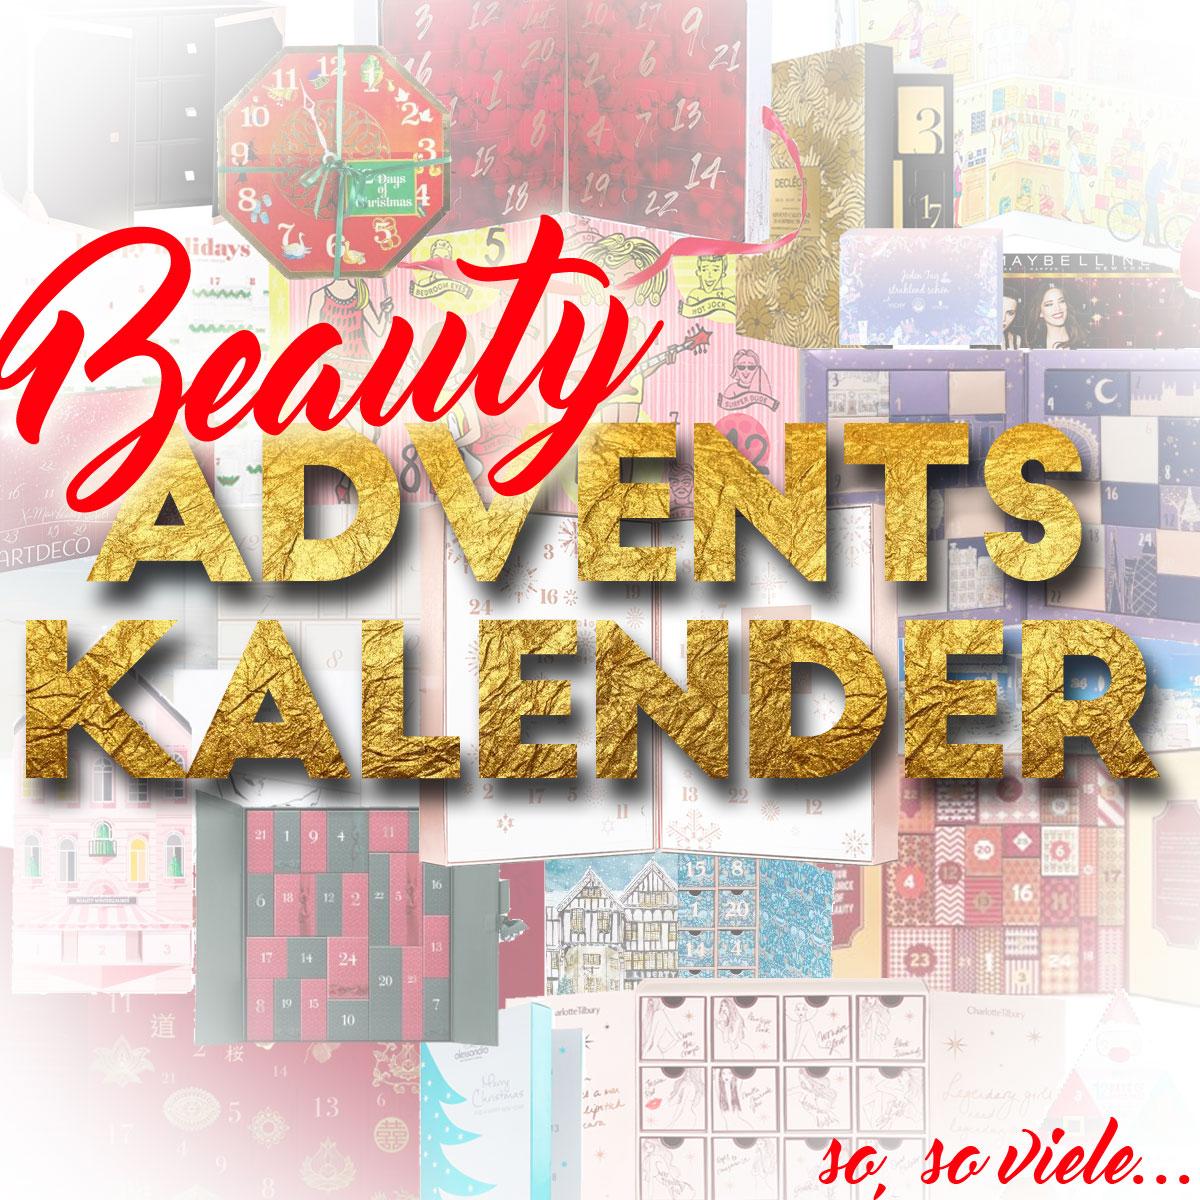 Beauty & Kosmetik-Adventskalender 2016